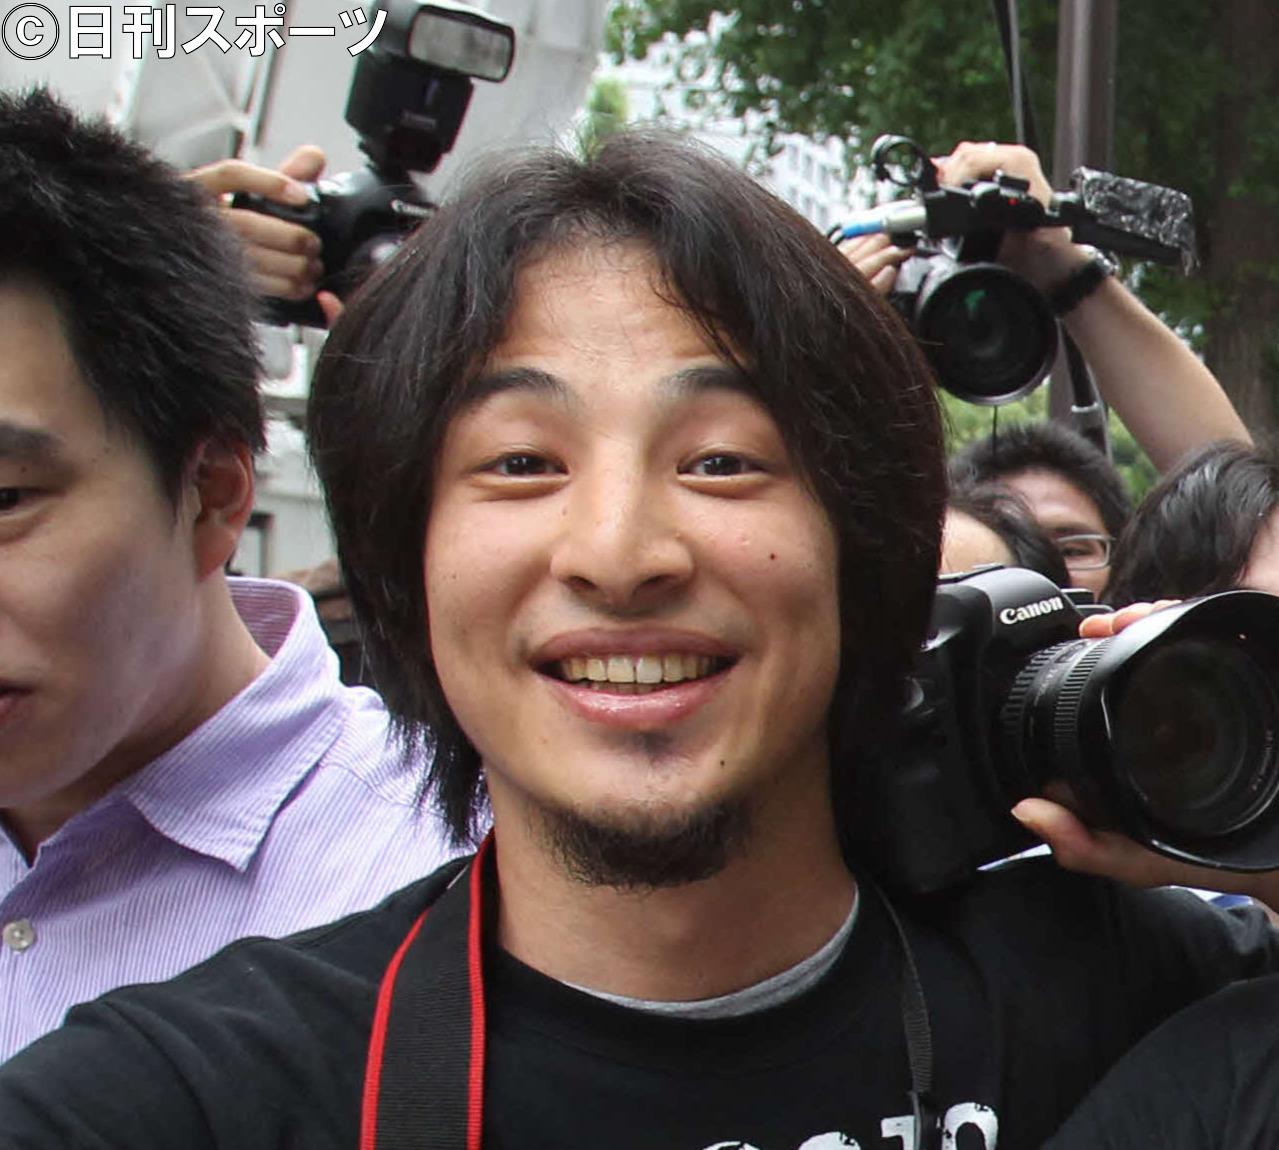 ひろゆき氏(2011年6月19日撮影)